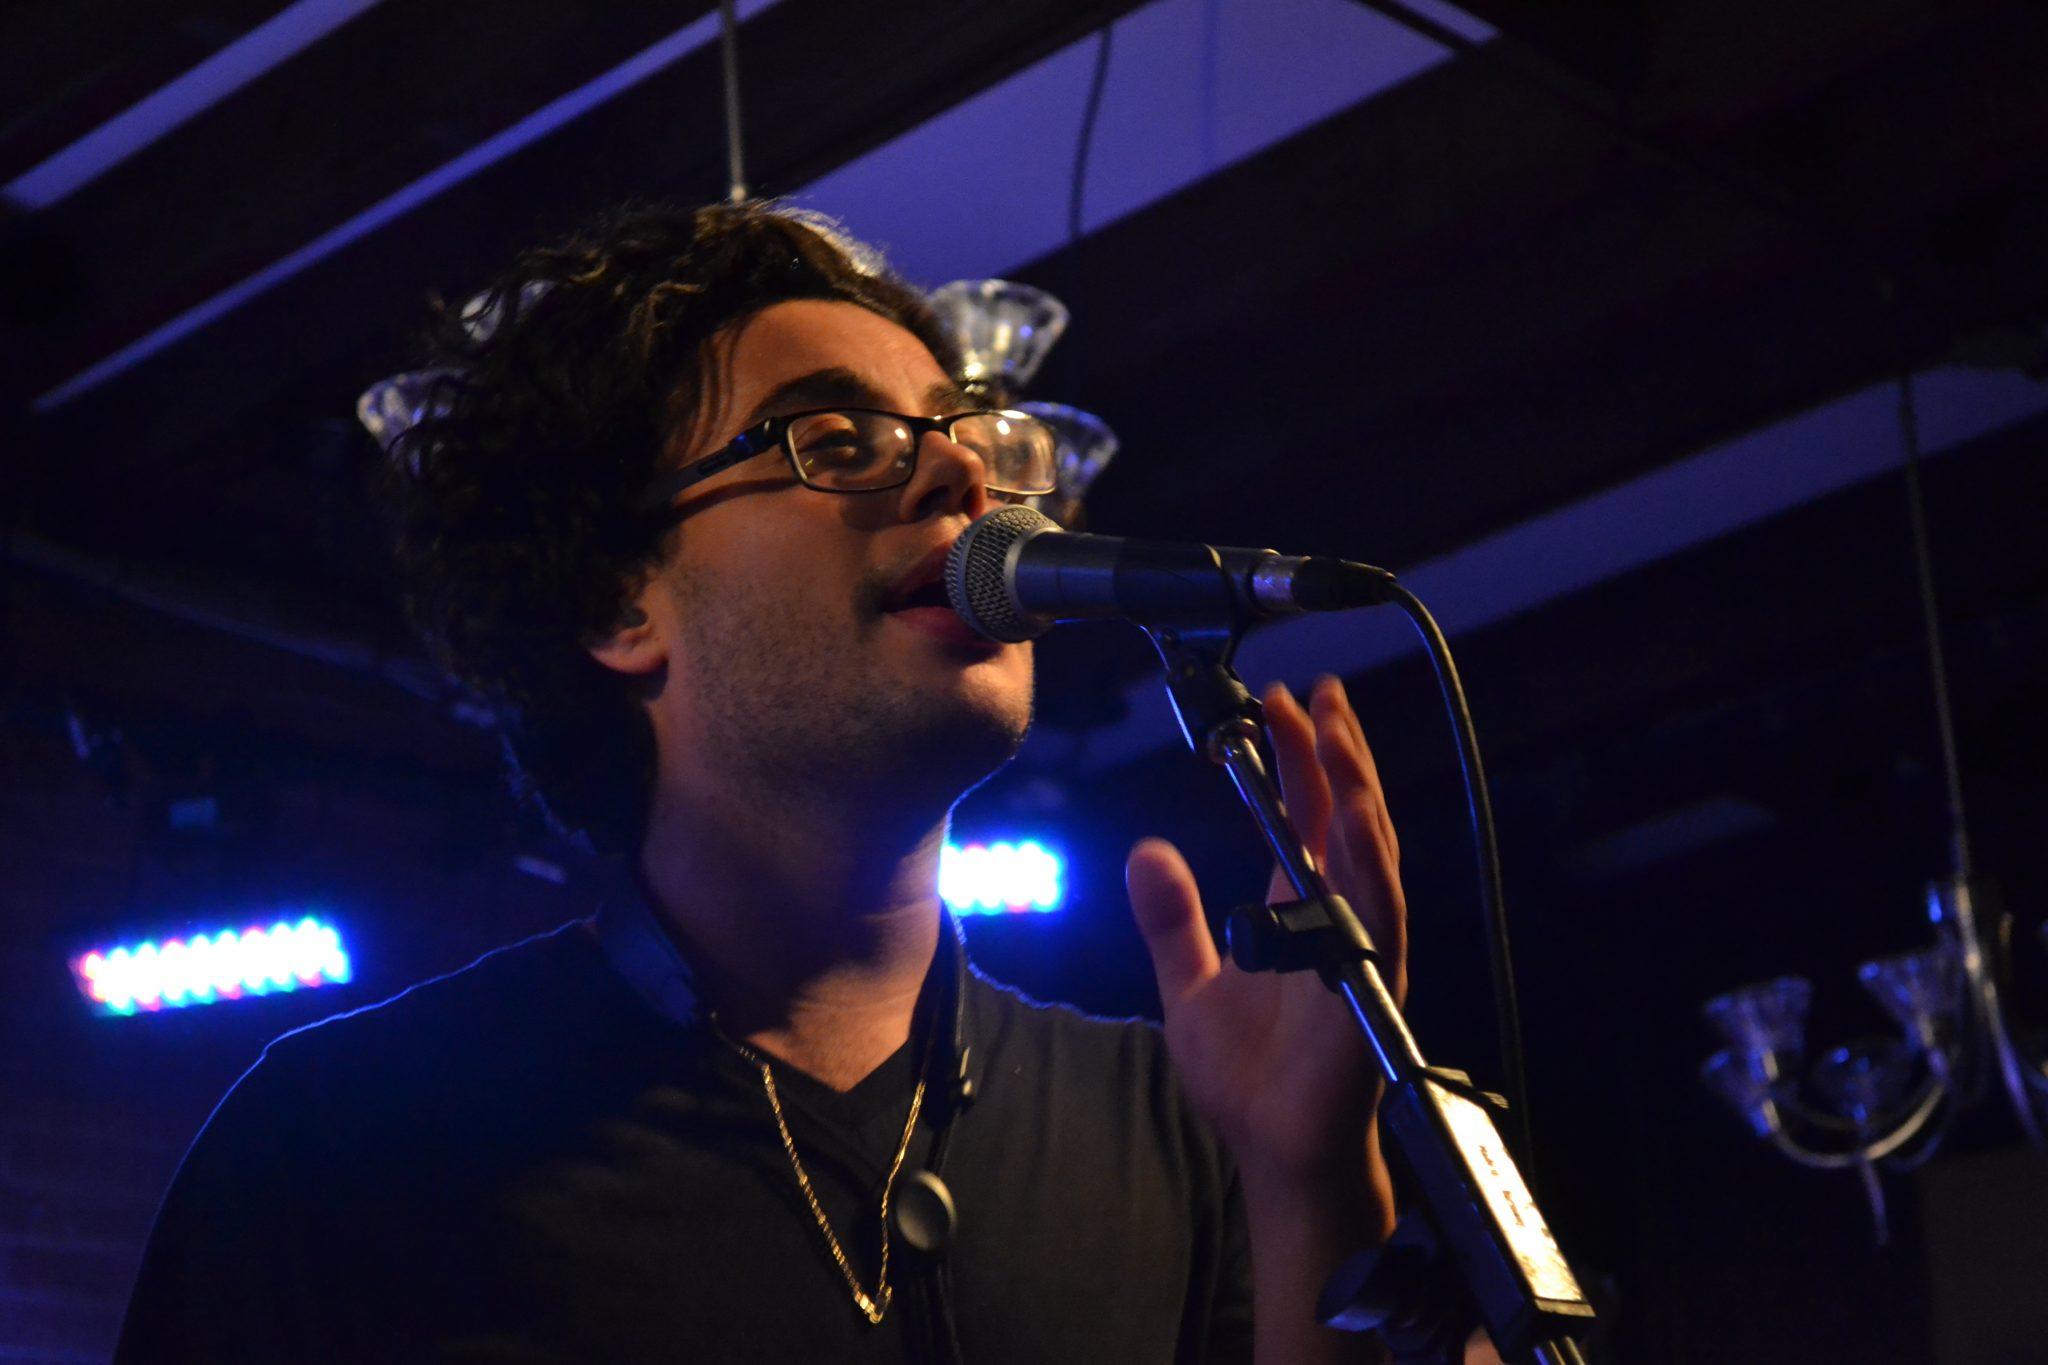 Le chanteur Nick Ferraro a charmé le public par sa voix douce et mielleuse, mais puissante ainsi que par son épique solo de saxophone. Photo: A. Lemieux